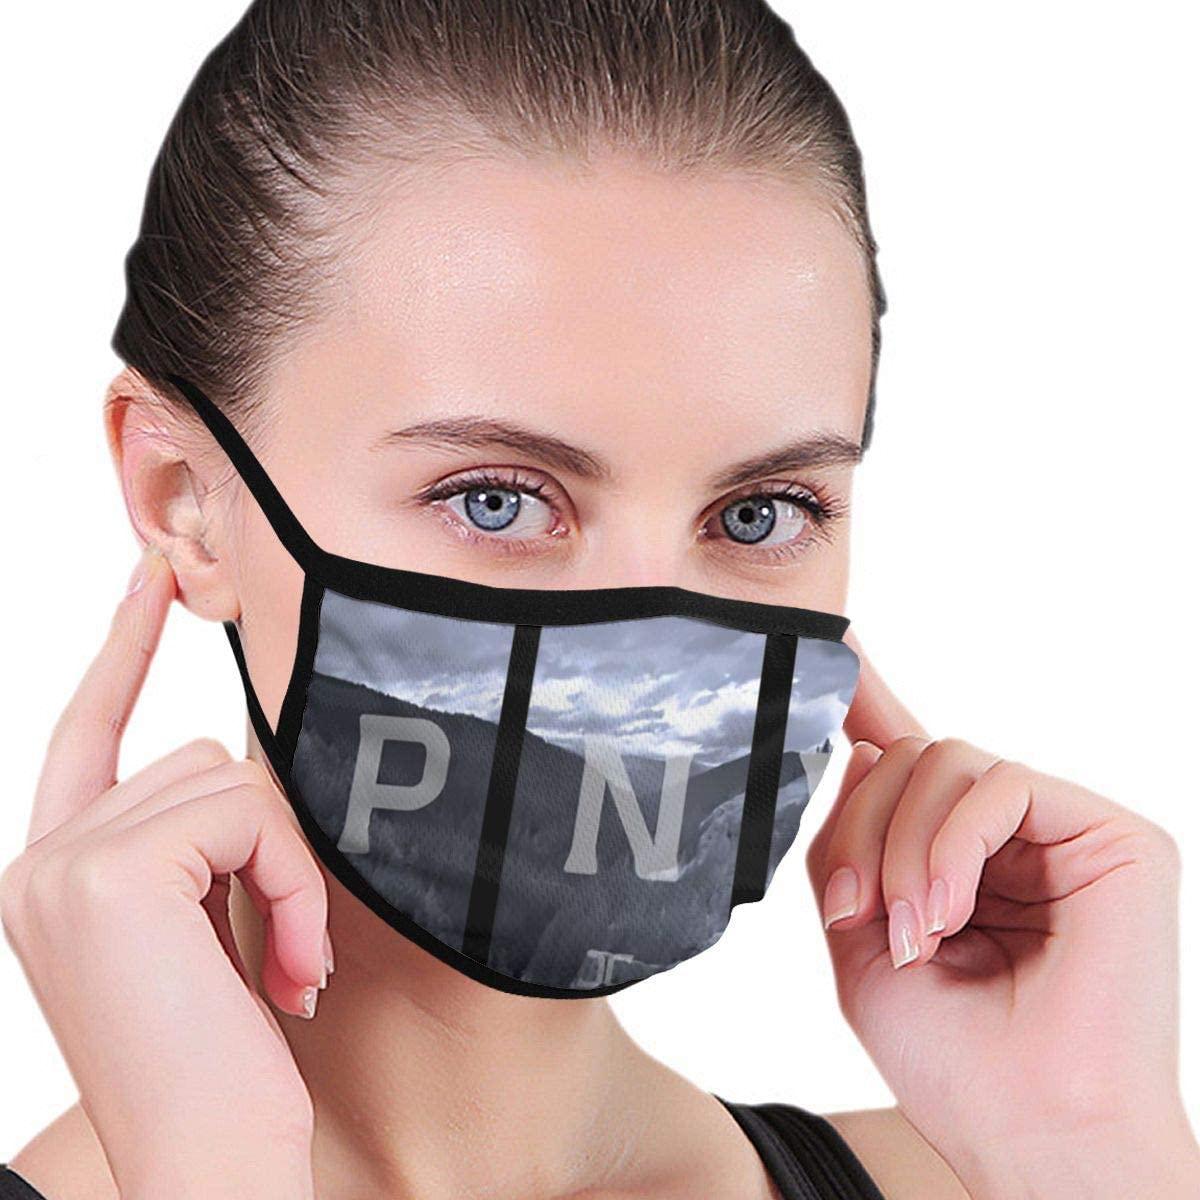 Pnw Unisex Fashion Face Bandanas Head Band Wears Scarf Face Tube Neck Scarf